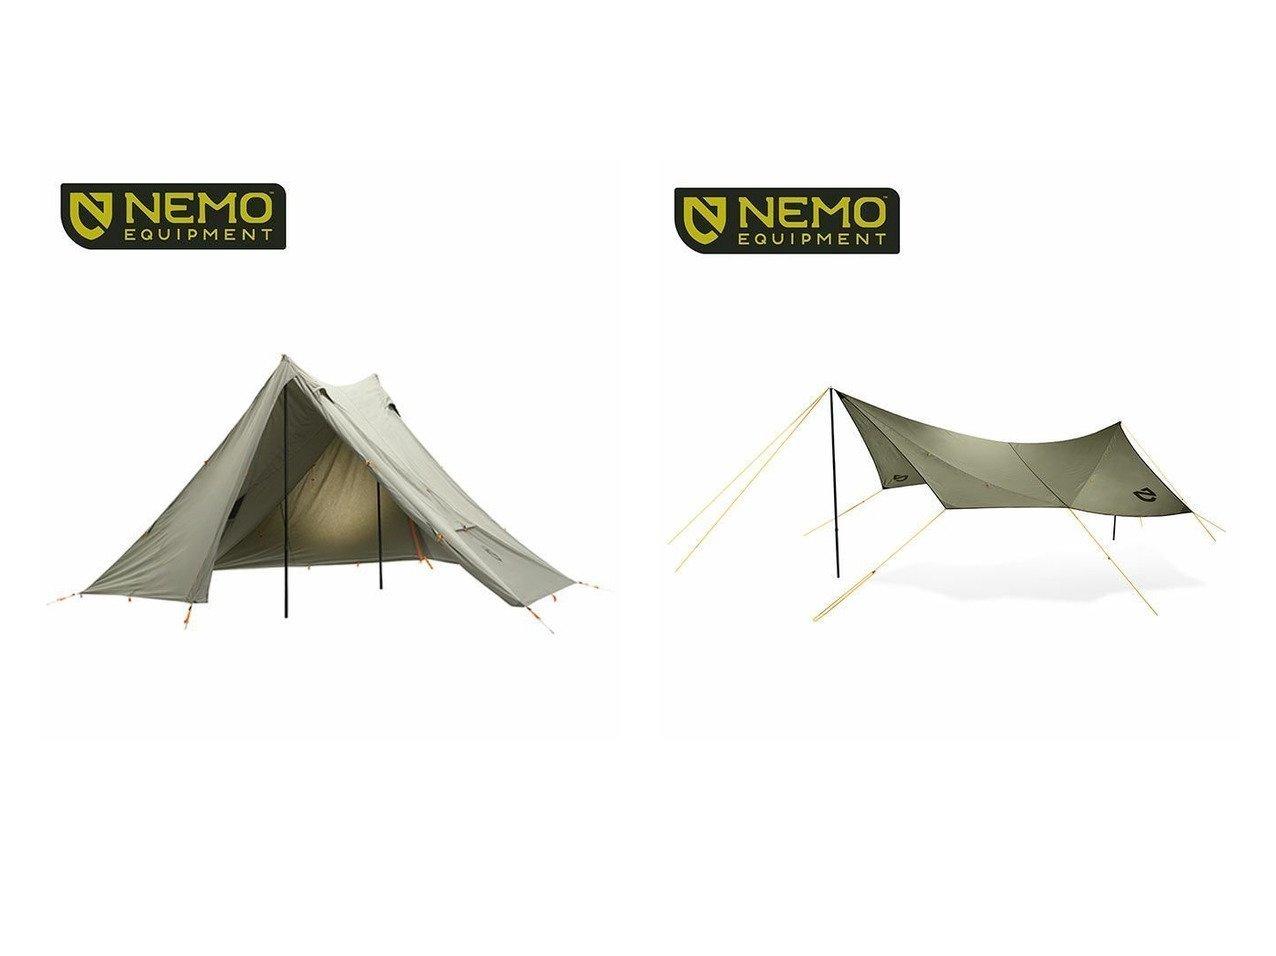 【NEMO Equipment/ニーモイクイップメント】のヘキサライト 6P エレメント&シャドウキャスター165 エレメント おすすめ!人気キャンプ・アウトドア用品の通販 おすすめファッション通販アイテム インテリア・キッズ・メンズ・レディースファッション・服の通販 founy(ファニー)  ファッション Fashion メンズファッション MEN スプリング |ID:crp329100000037442